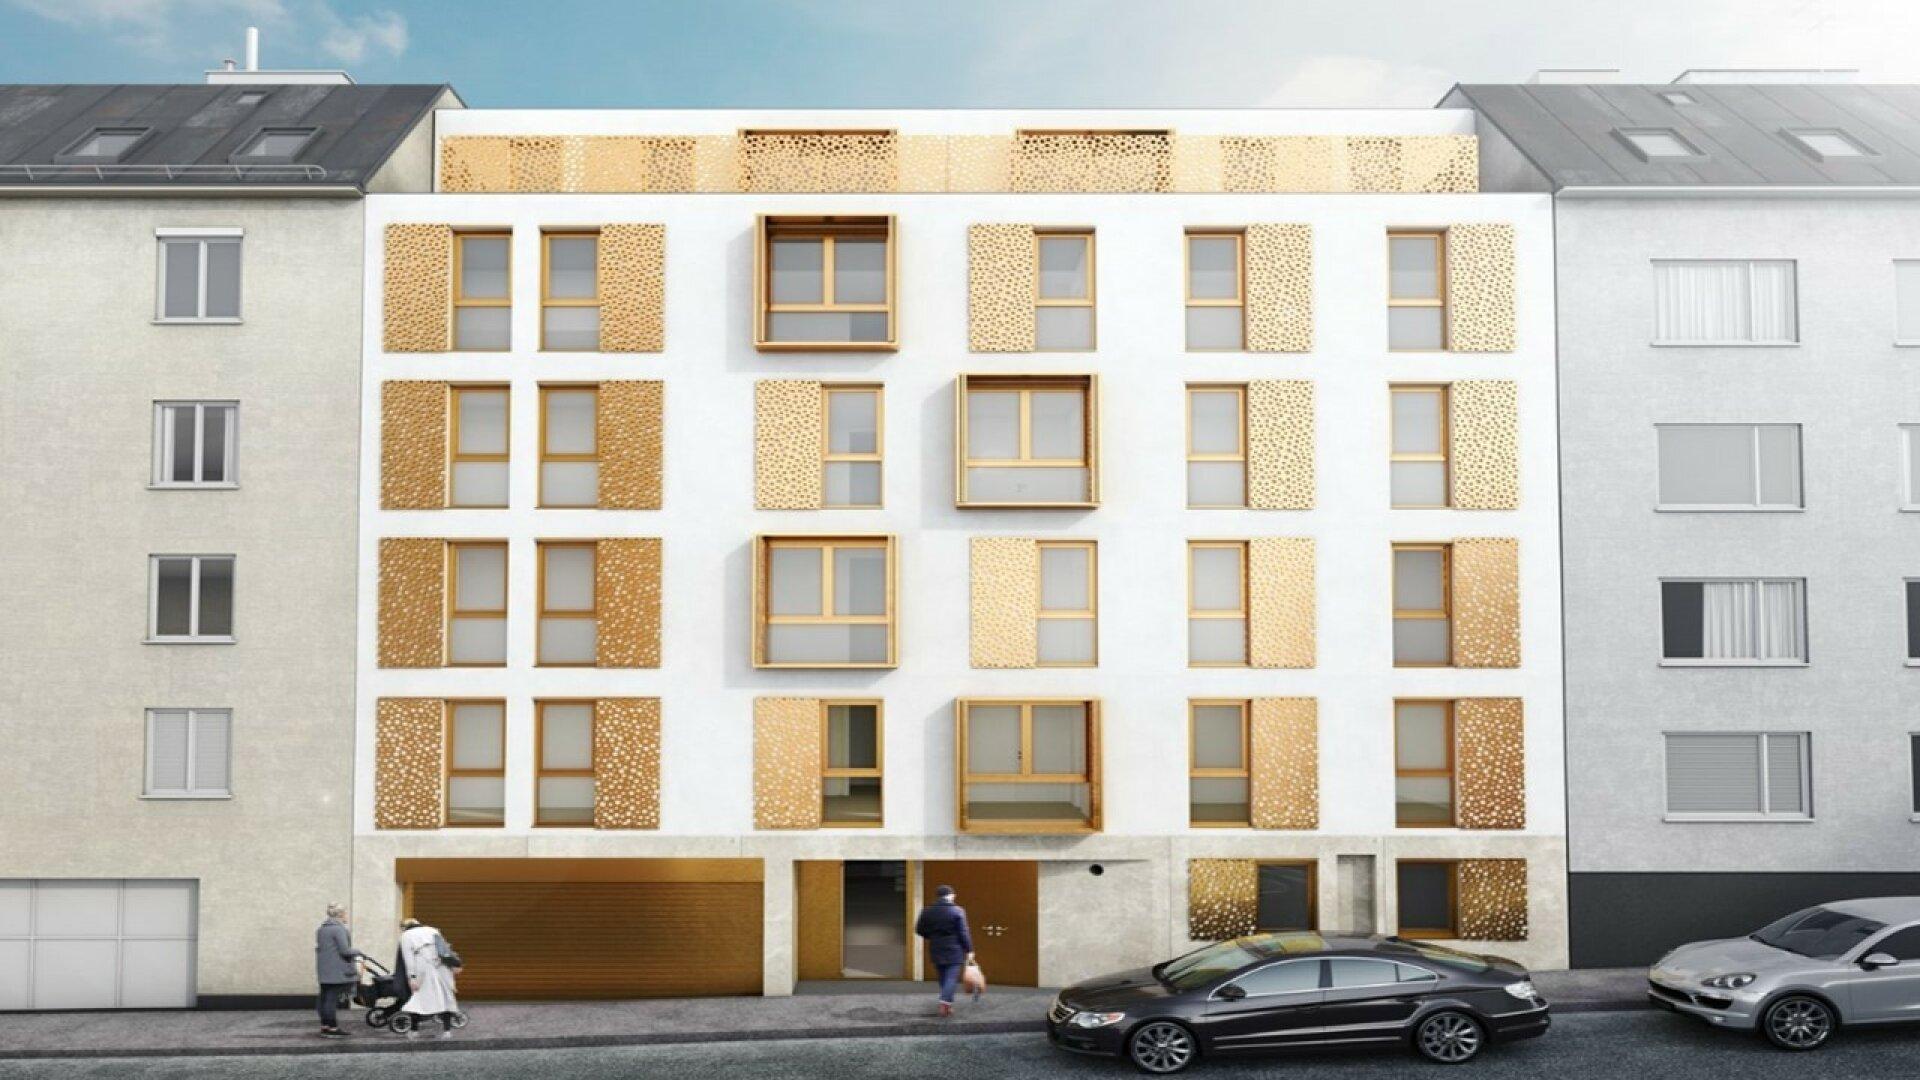 Urbanes Wohnen am Meidlinger Markt (Projektansicht)